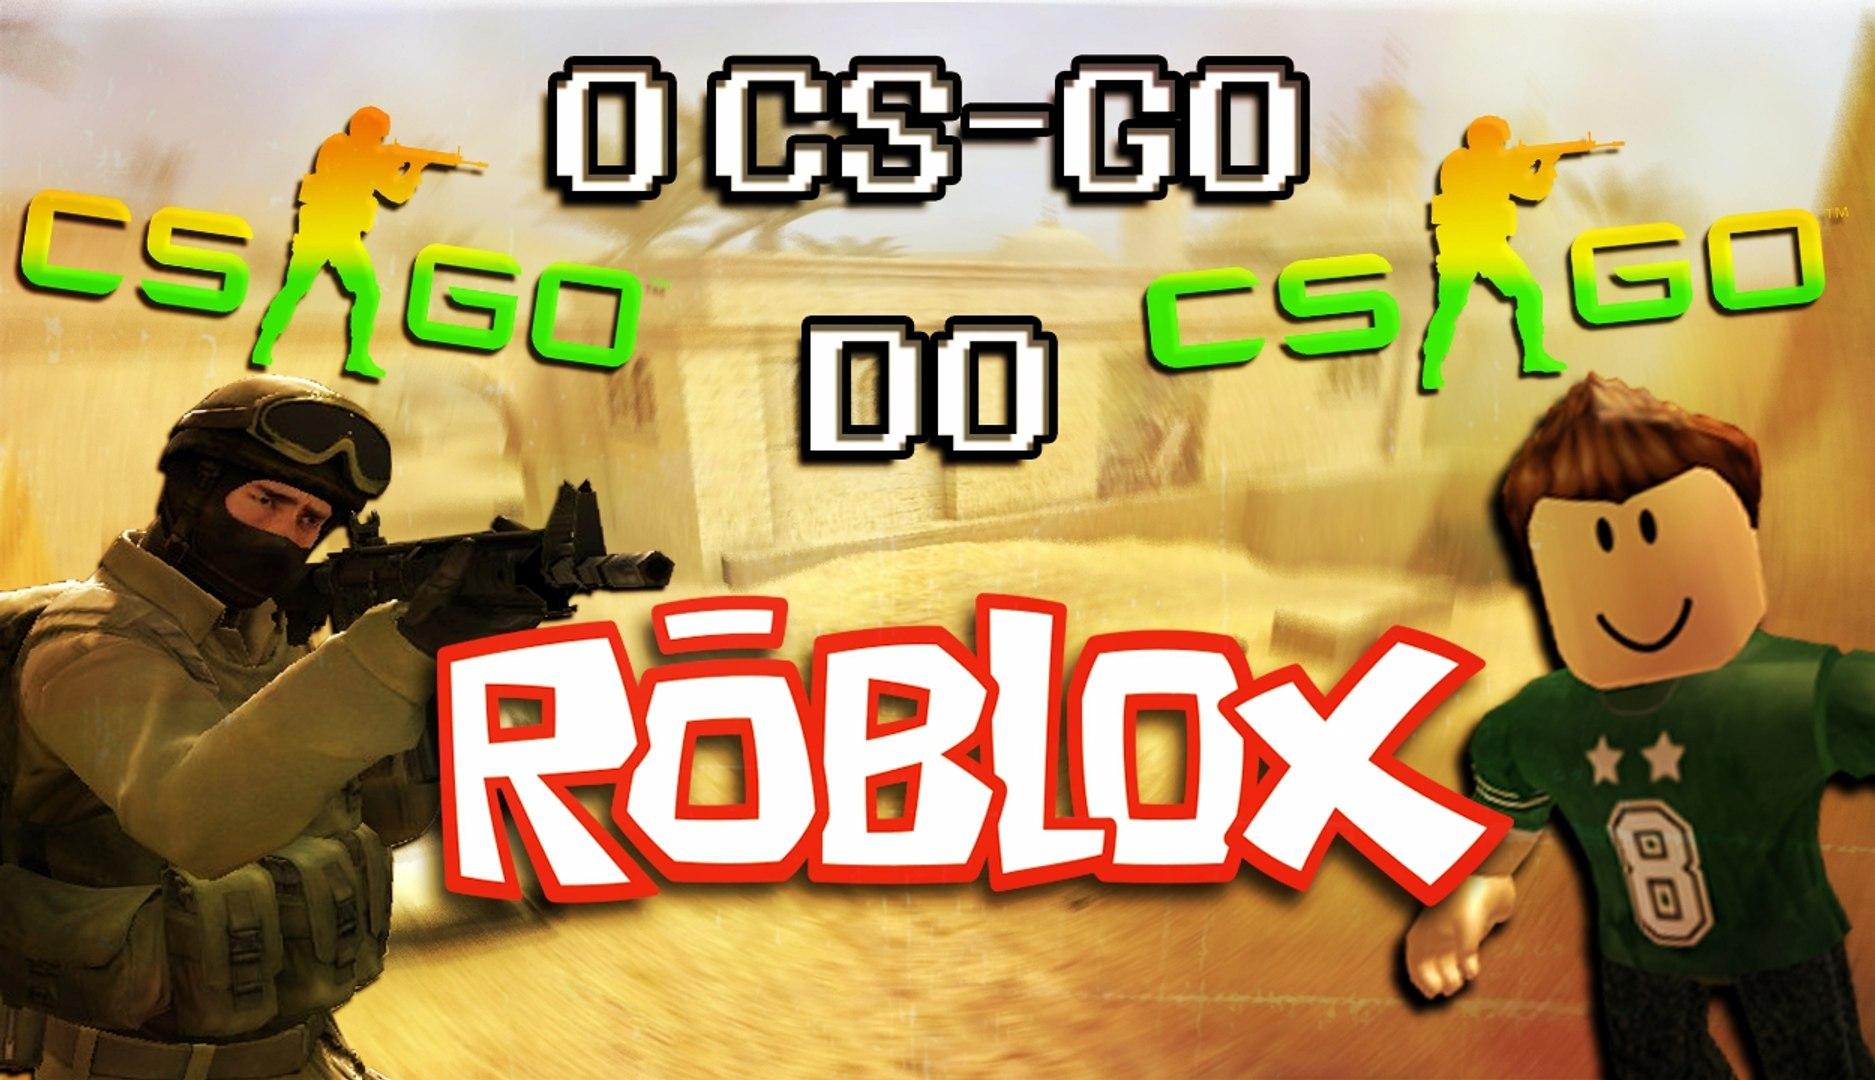 O CS-GO GRÁTIS ? - COUNTER- BLOX ROBLOX OFFENSIVE